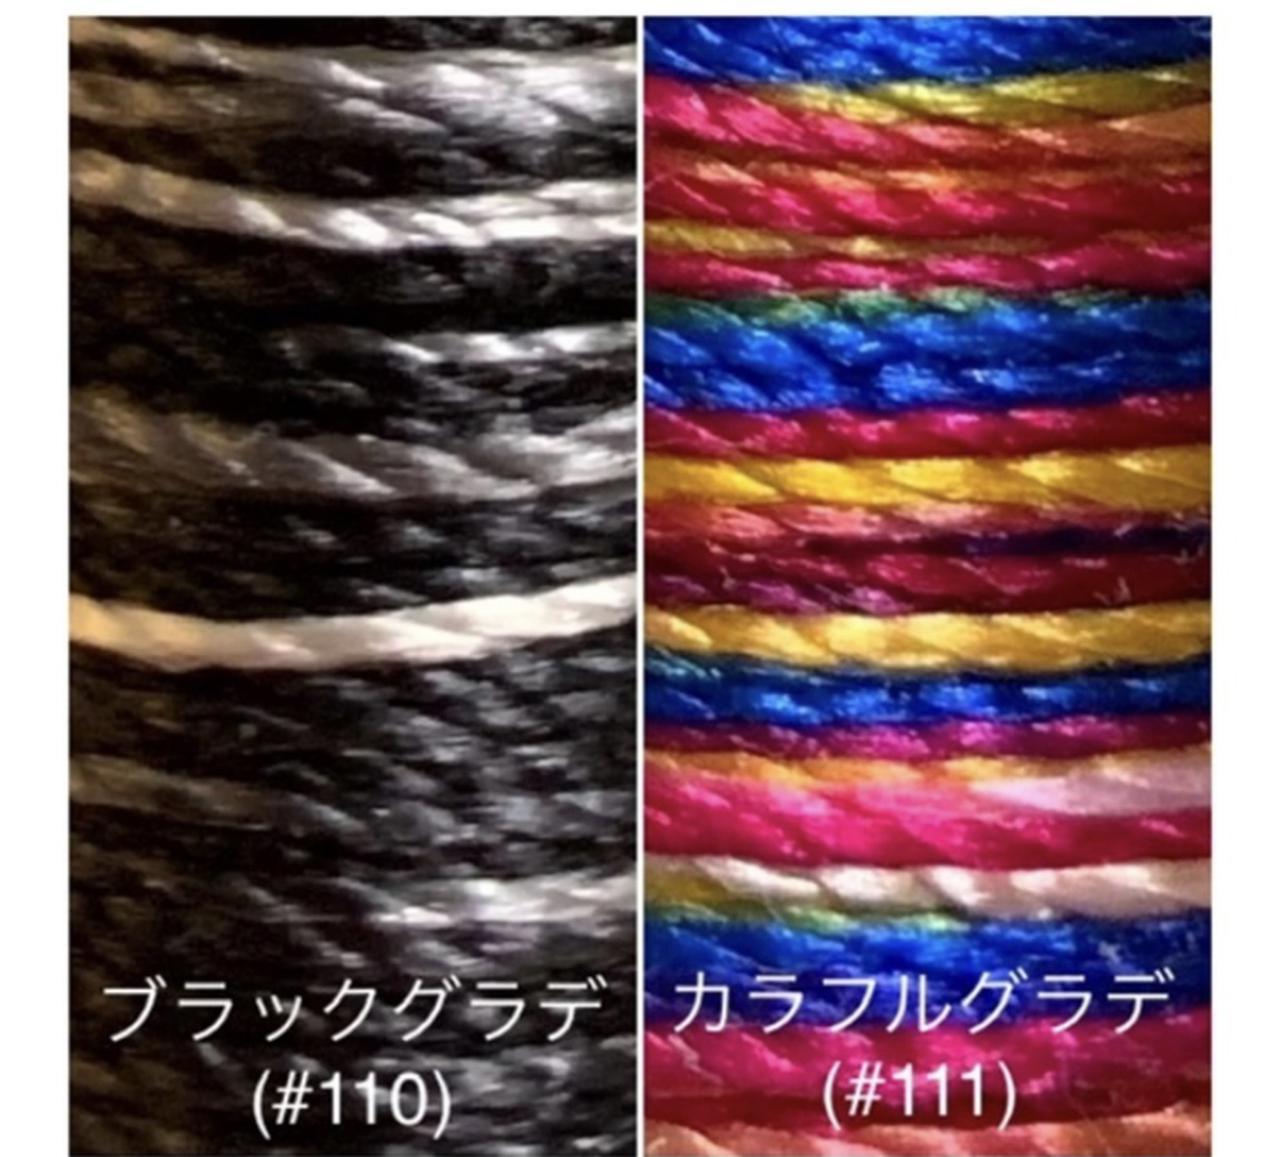 画像5: 【レポ】オーダーメイド特化型オンラインマーケット「Tanomake(タノメイク)」とは‥♡